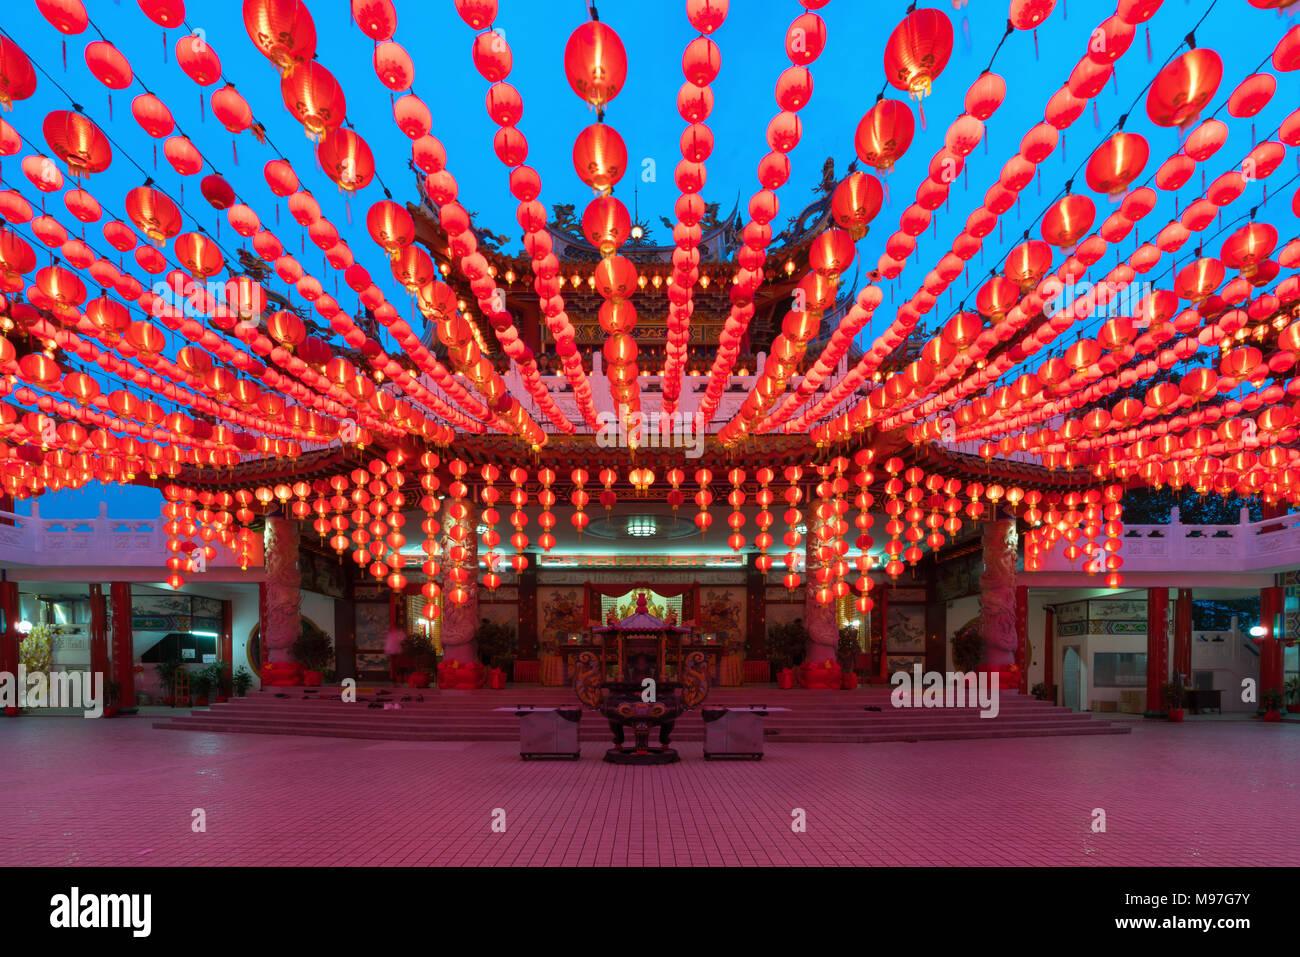 Lanternes chinoises traditionnelles dans l'affichage Thean Hou temple illuminé pour le festival du Nouvel an chinois, Kuala Lumpur, Malaisie. Photo Stock